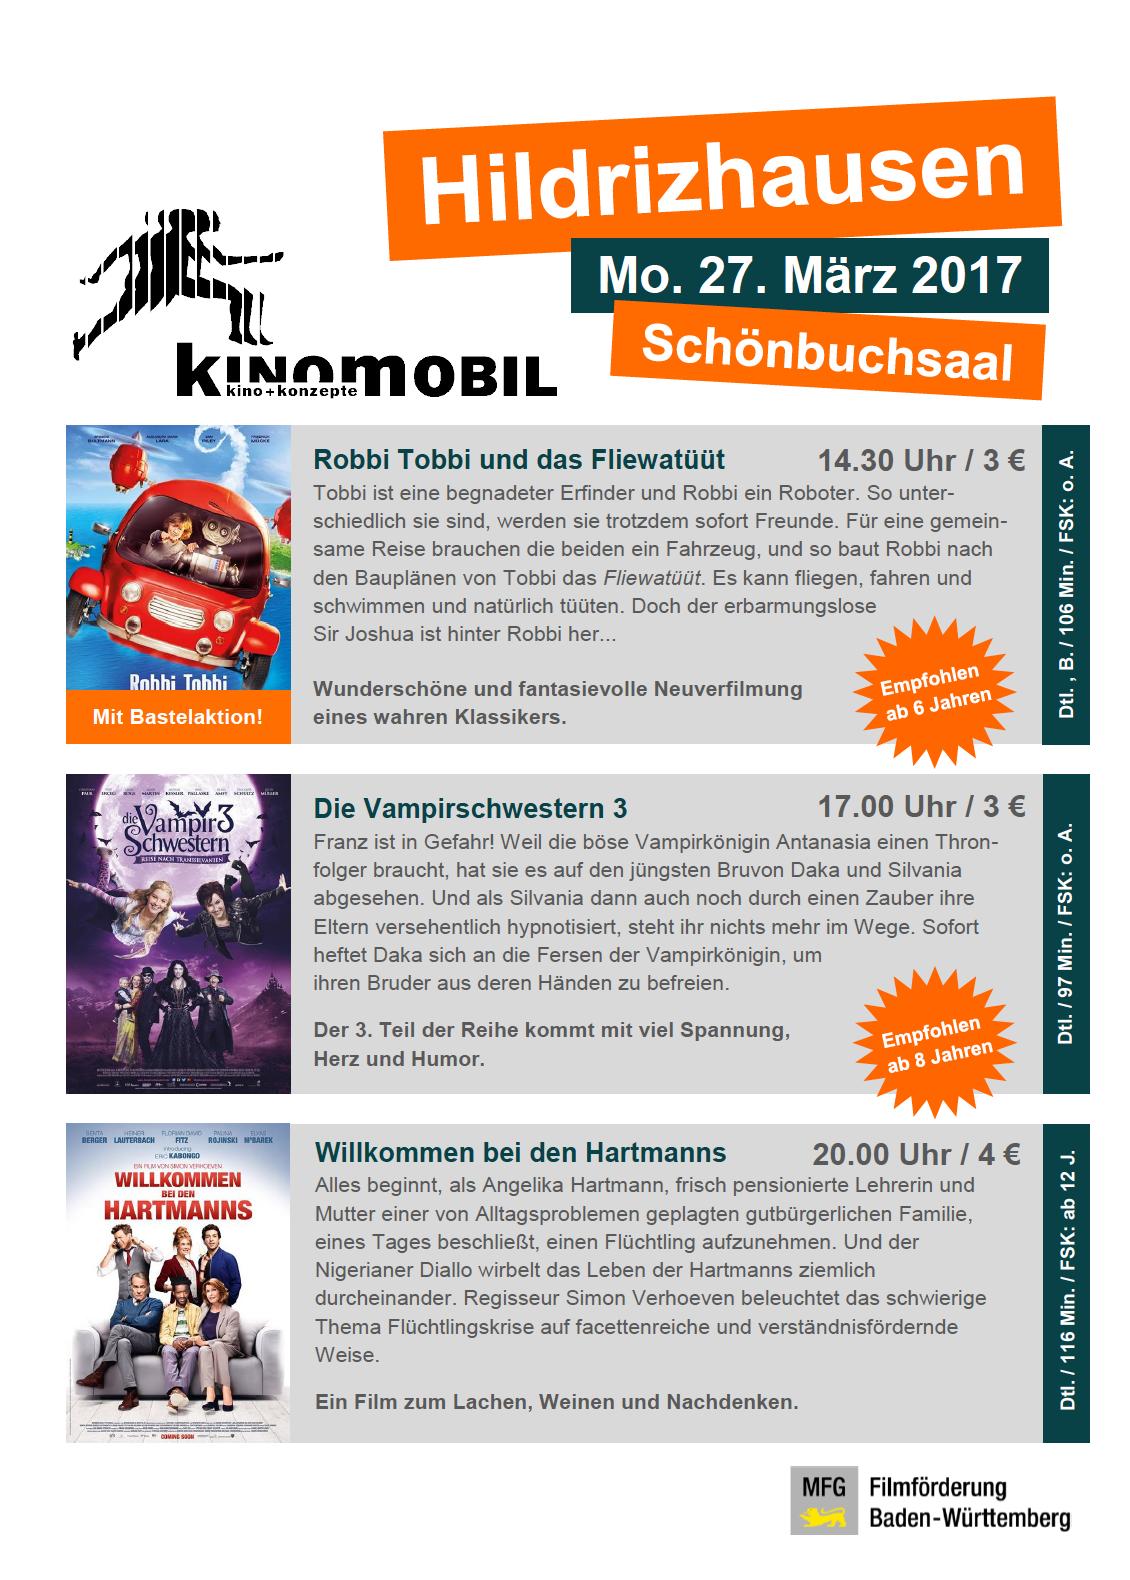 Kinomobil am 27.03.2017 im Schönbuchsaal Hildrizhausen